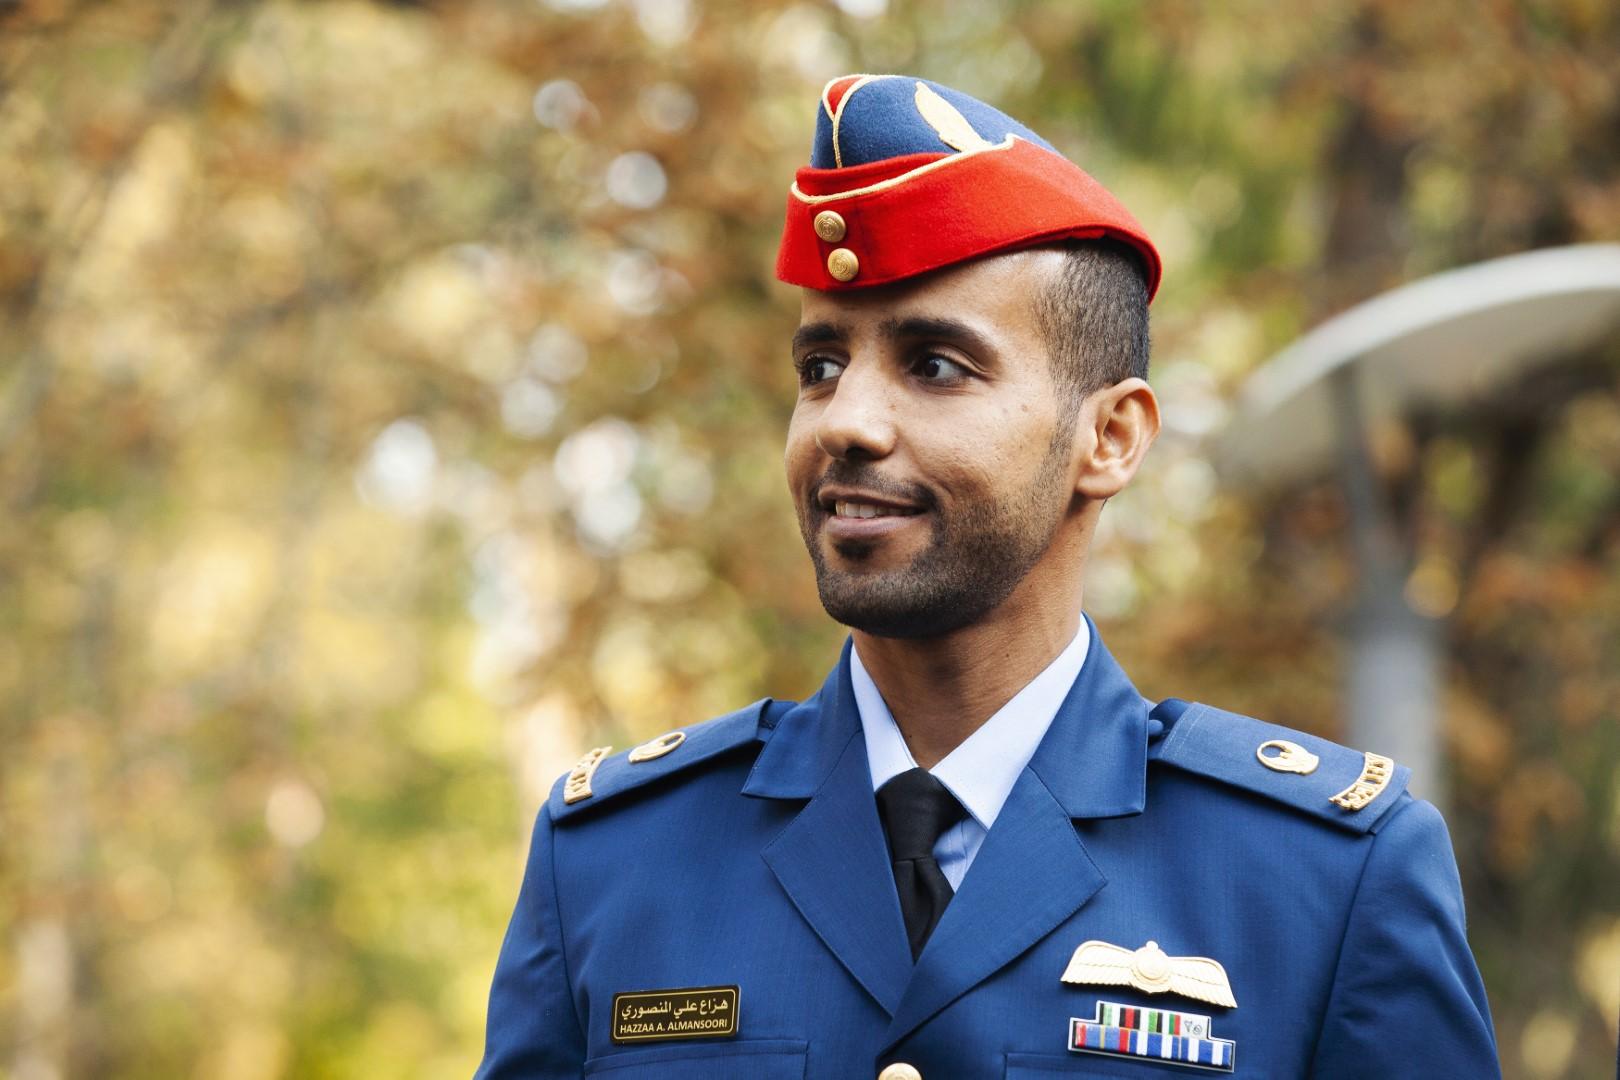 حمدان بن محمد يطمئن هاتفيا على تمام استعدادات رائدي الفضاء الإماراتيين المنصوري والنيادي